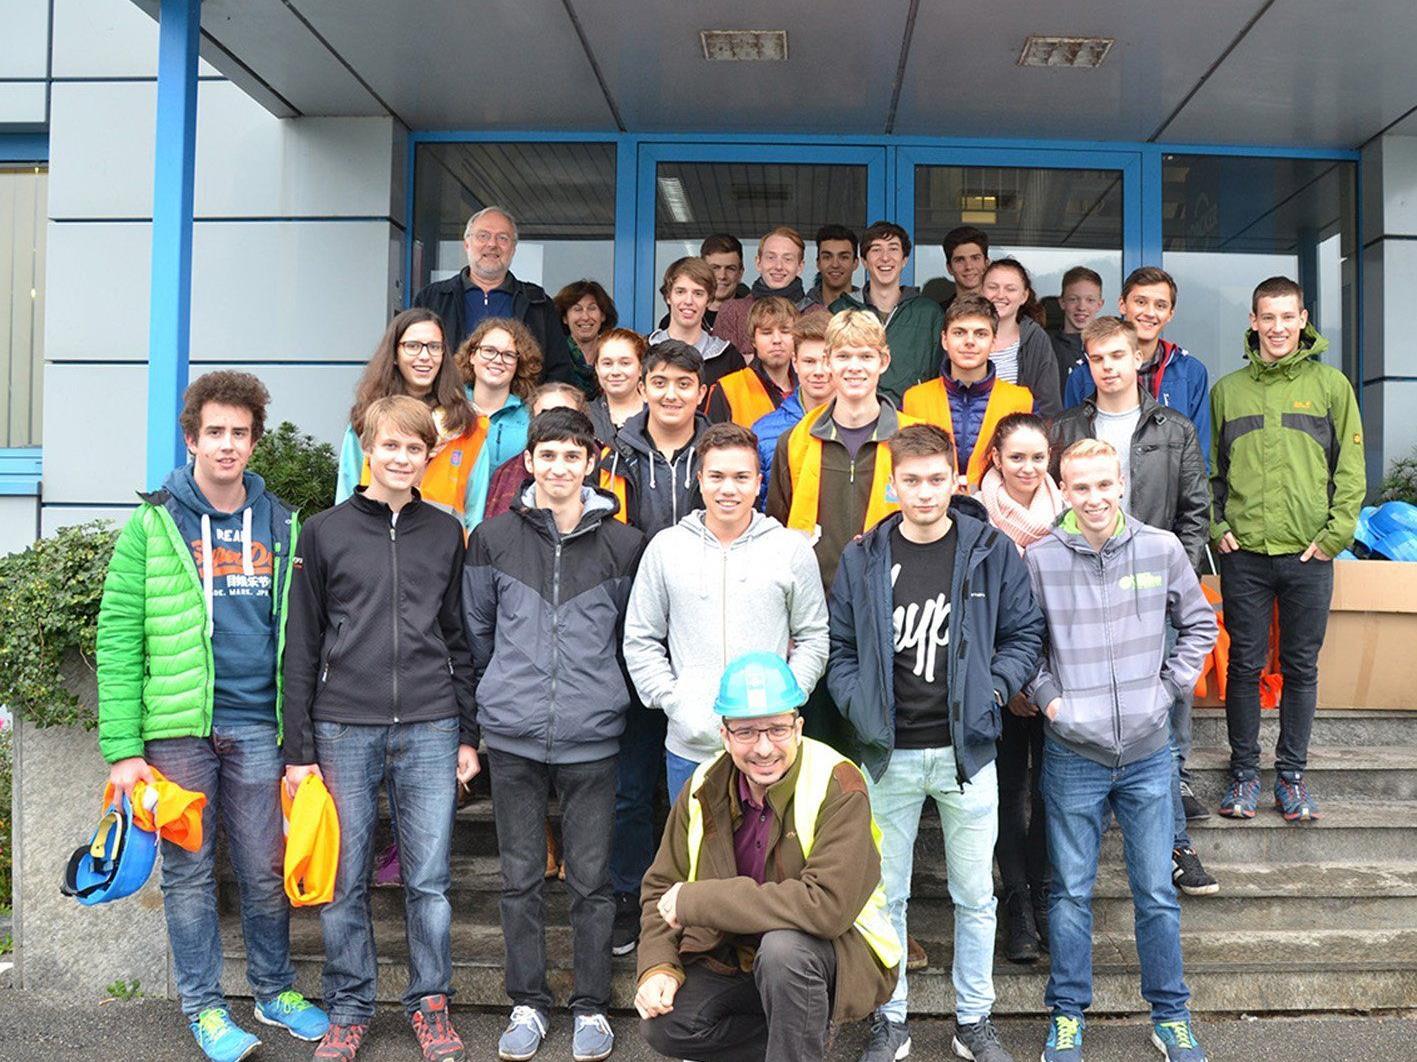 Die Schüler/innen der HTL Bregenz überzeugten sich von den Möglichkeiten moderner Wiederverwertung.